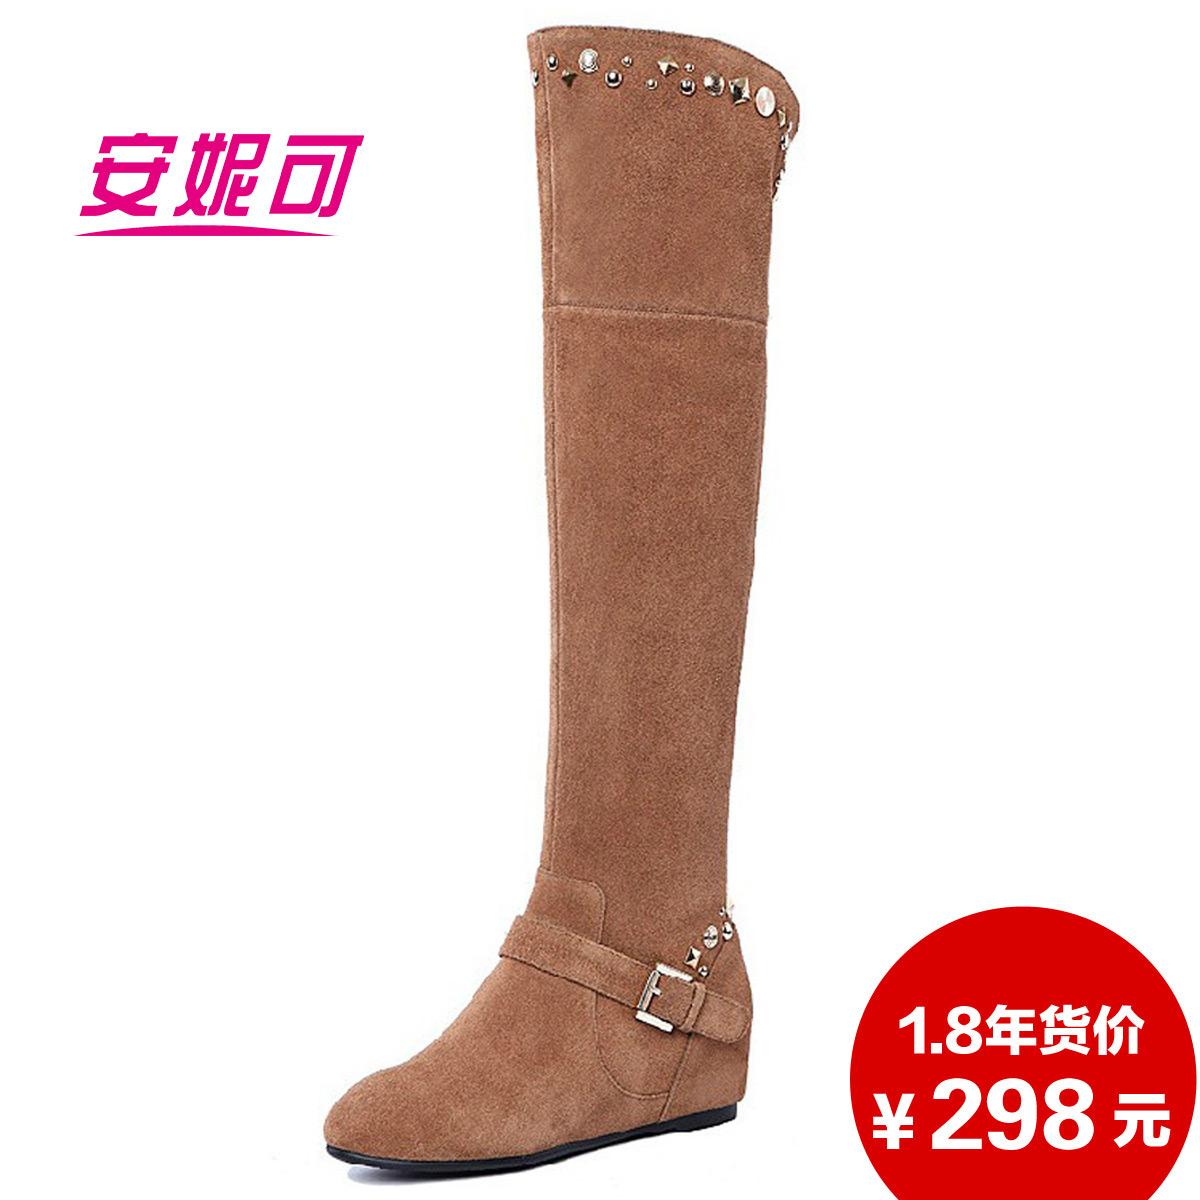 饶客 新款/2013新款真皮内增高坡跟女靴女鞋高筒靴过膝长靴长筒靴子女冬